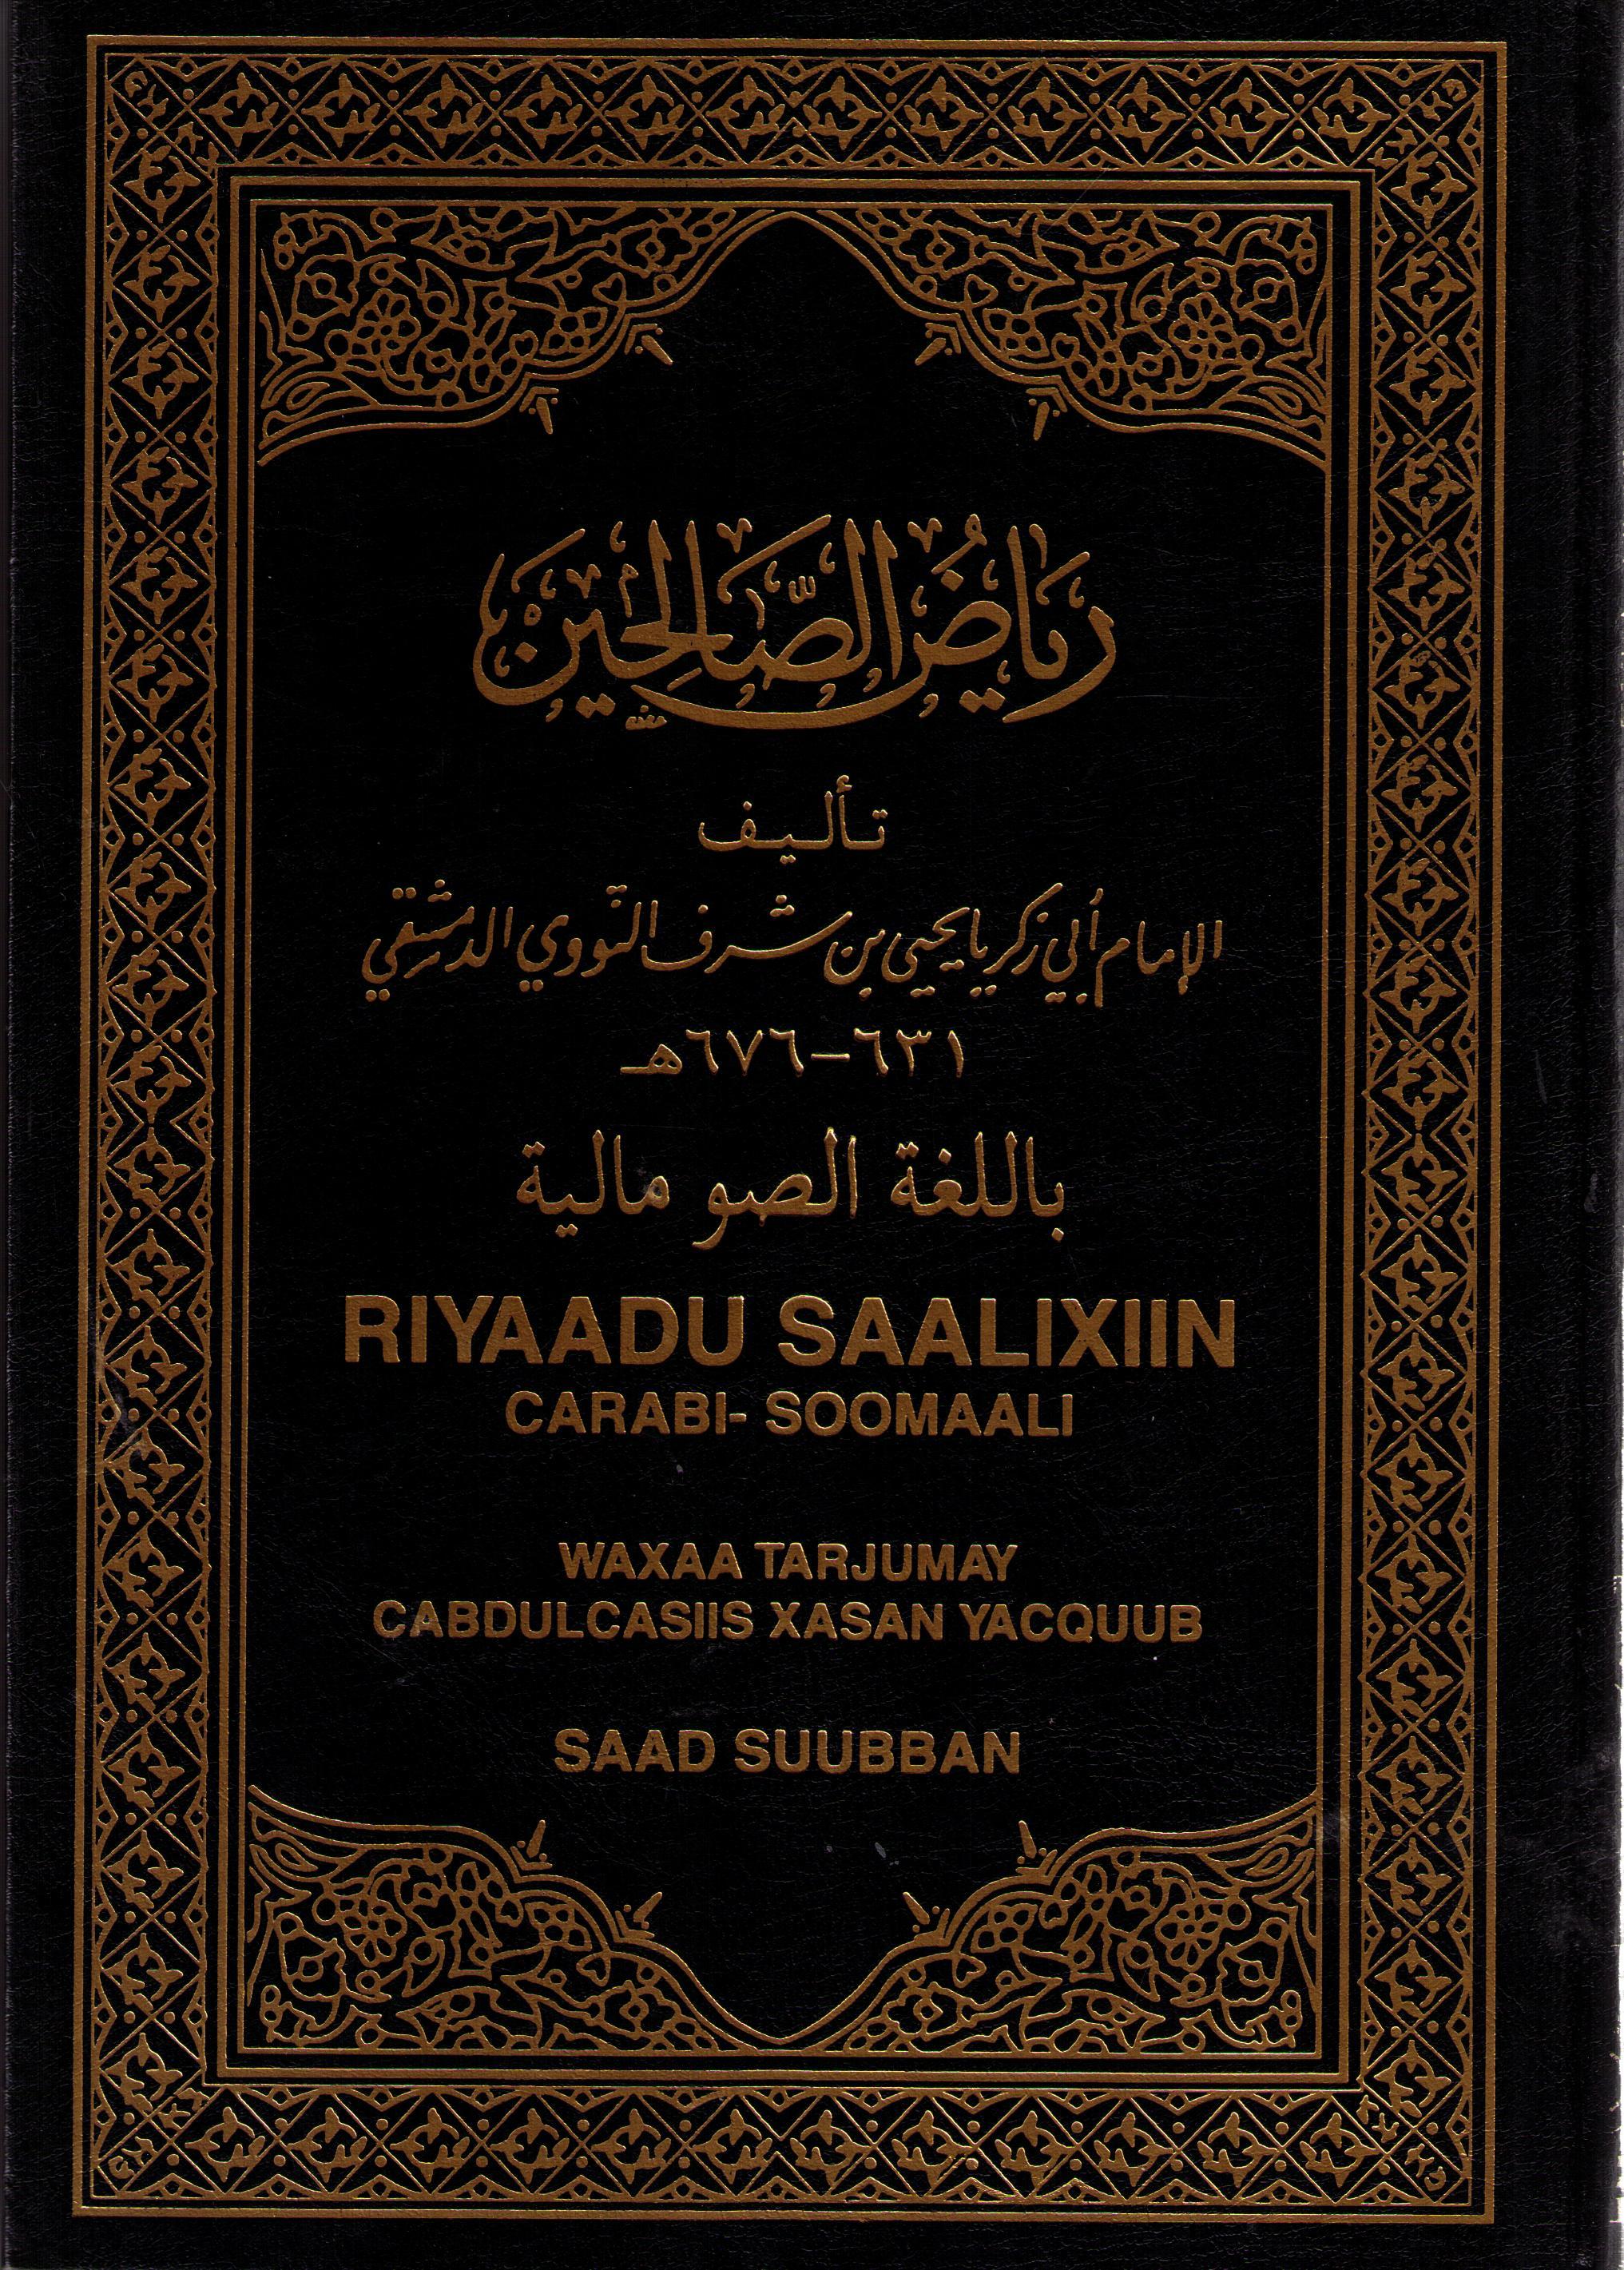 Riyaadu Saalixiin;] Imaam Nawawi, Carabi - Somali;~